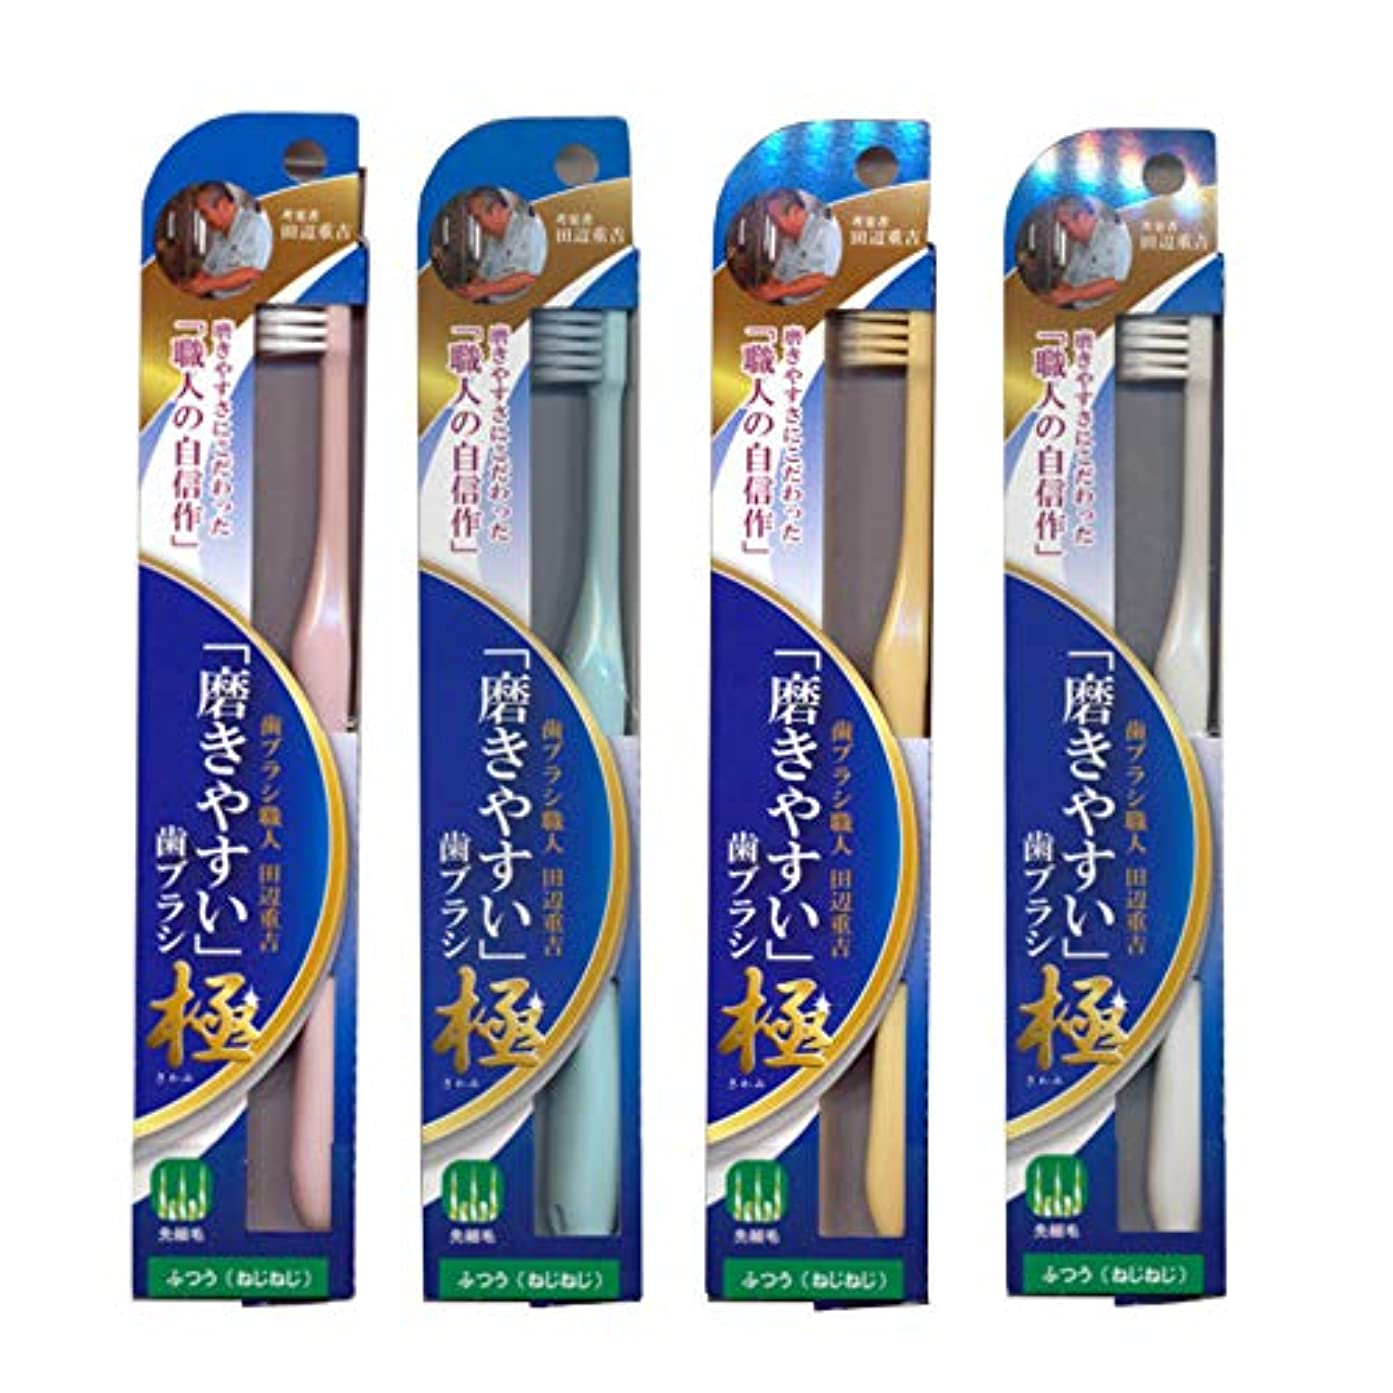 対立フラッシュのように素早く親磨きやすい歯ブラシ極 (ふつう ねじねじ) LT-45×12本セット(ピンク×3、ブルー×3、ホワイト×3、イエロー×3) 先細毛